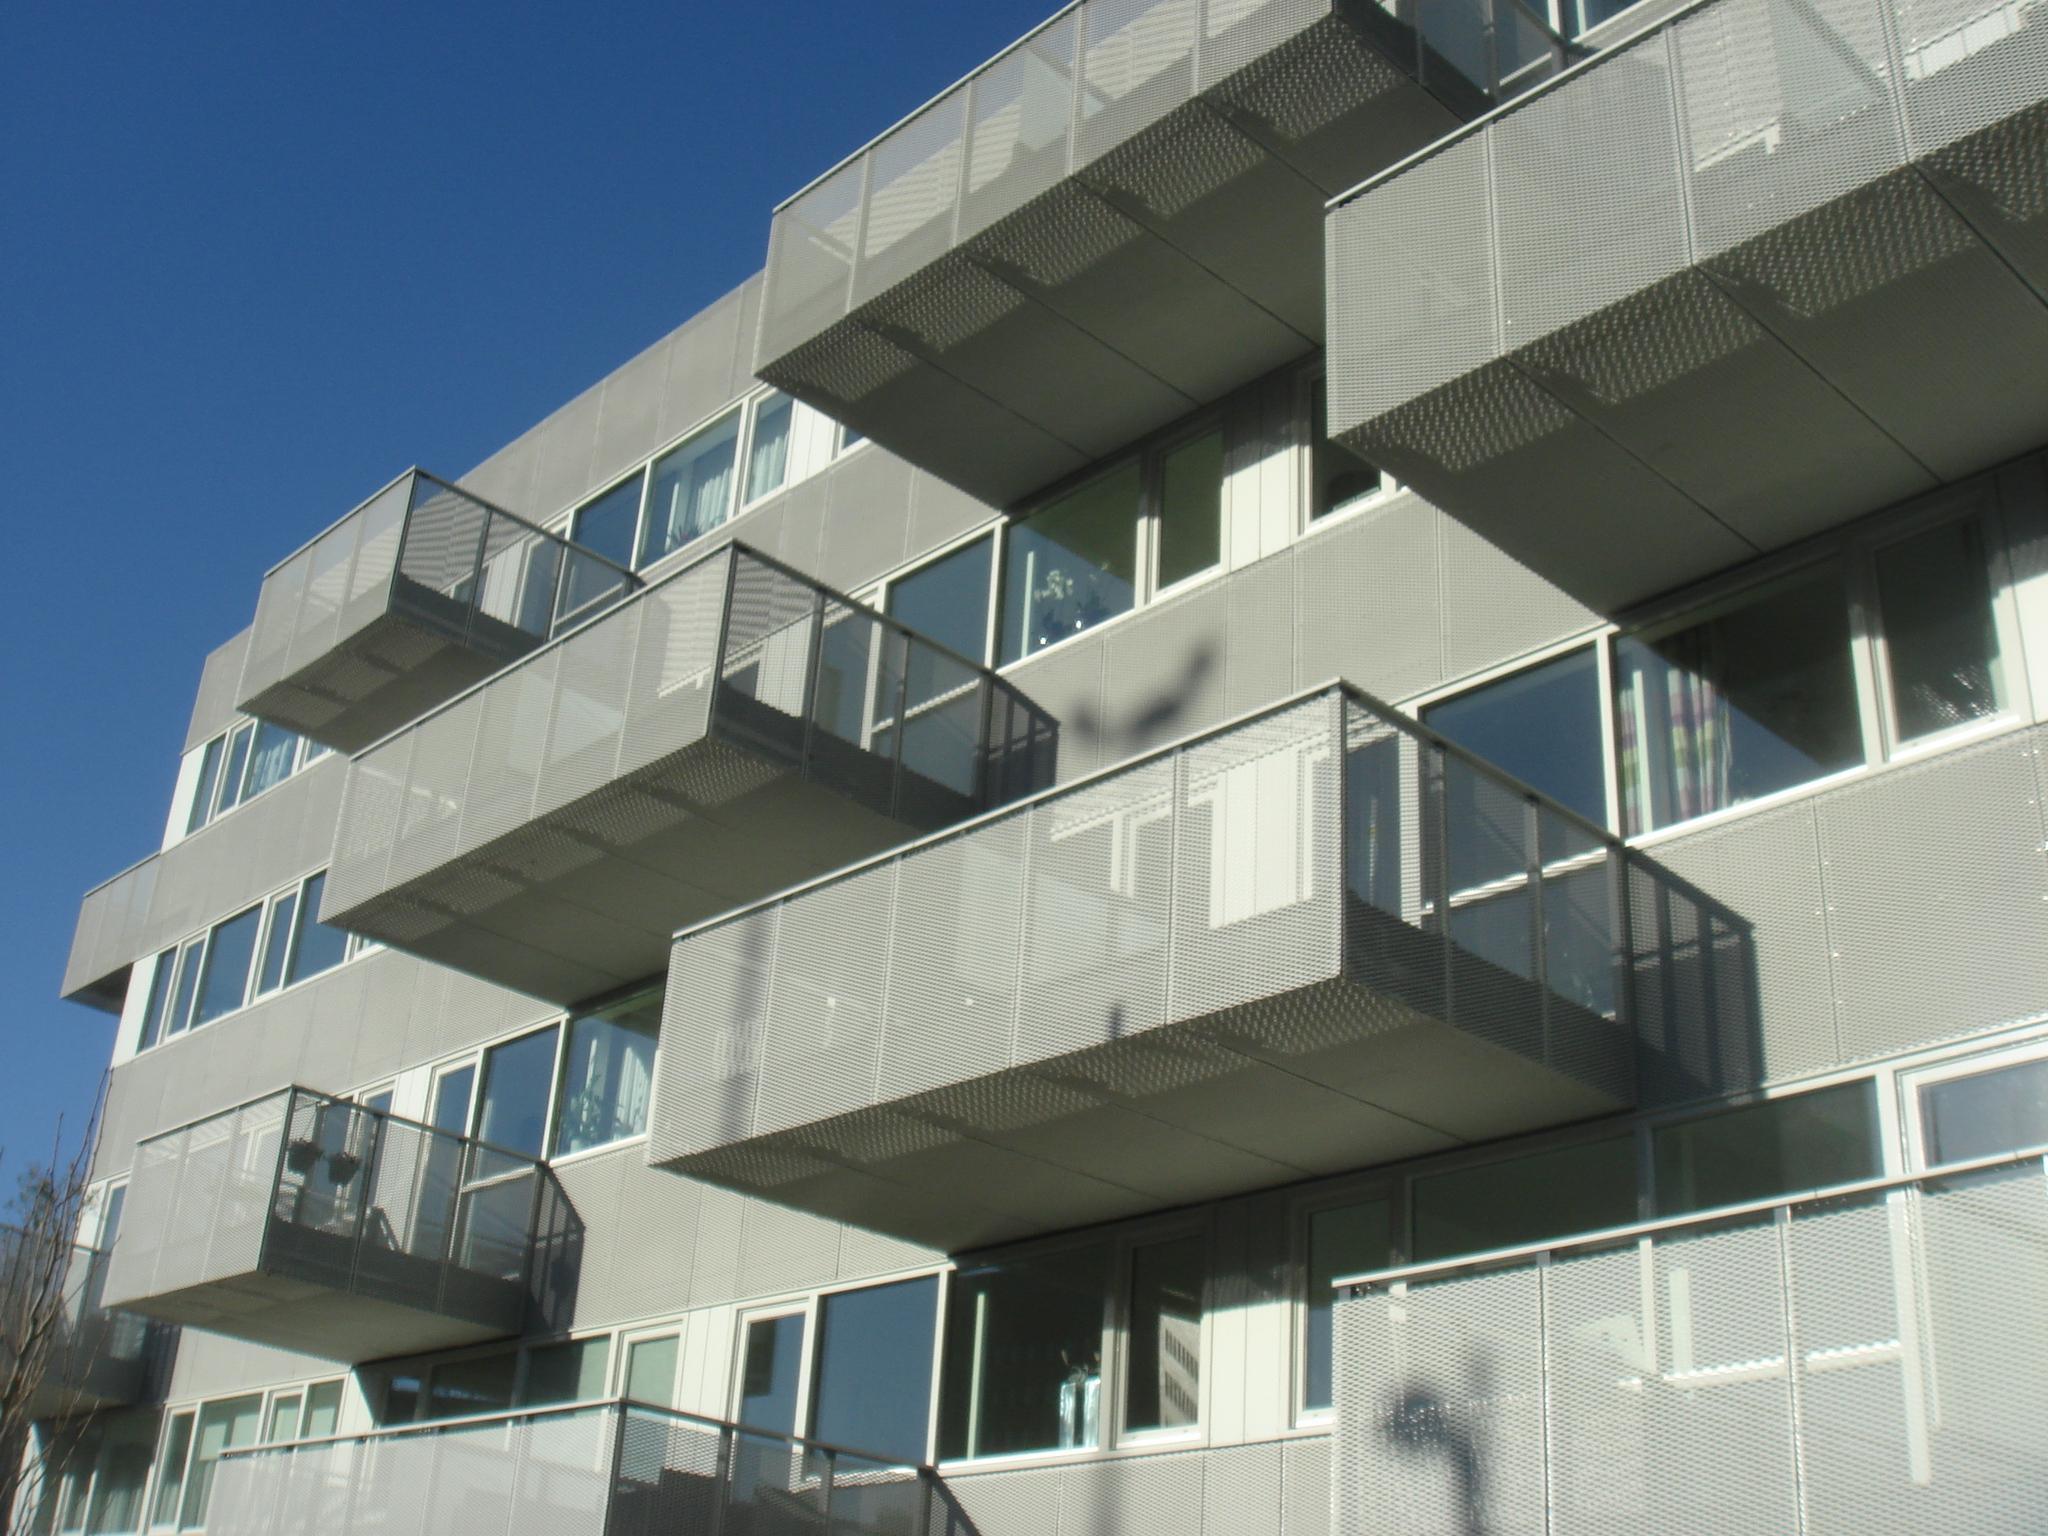 Balkons van MD Strekmetaal pronken aan het appartementencomplex Boogie Woogie in Amersfoort